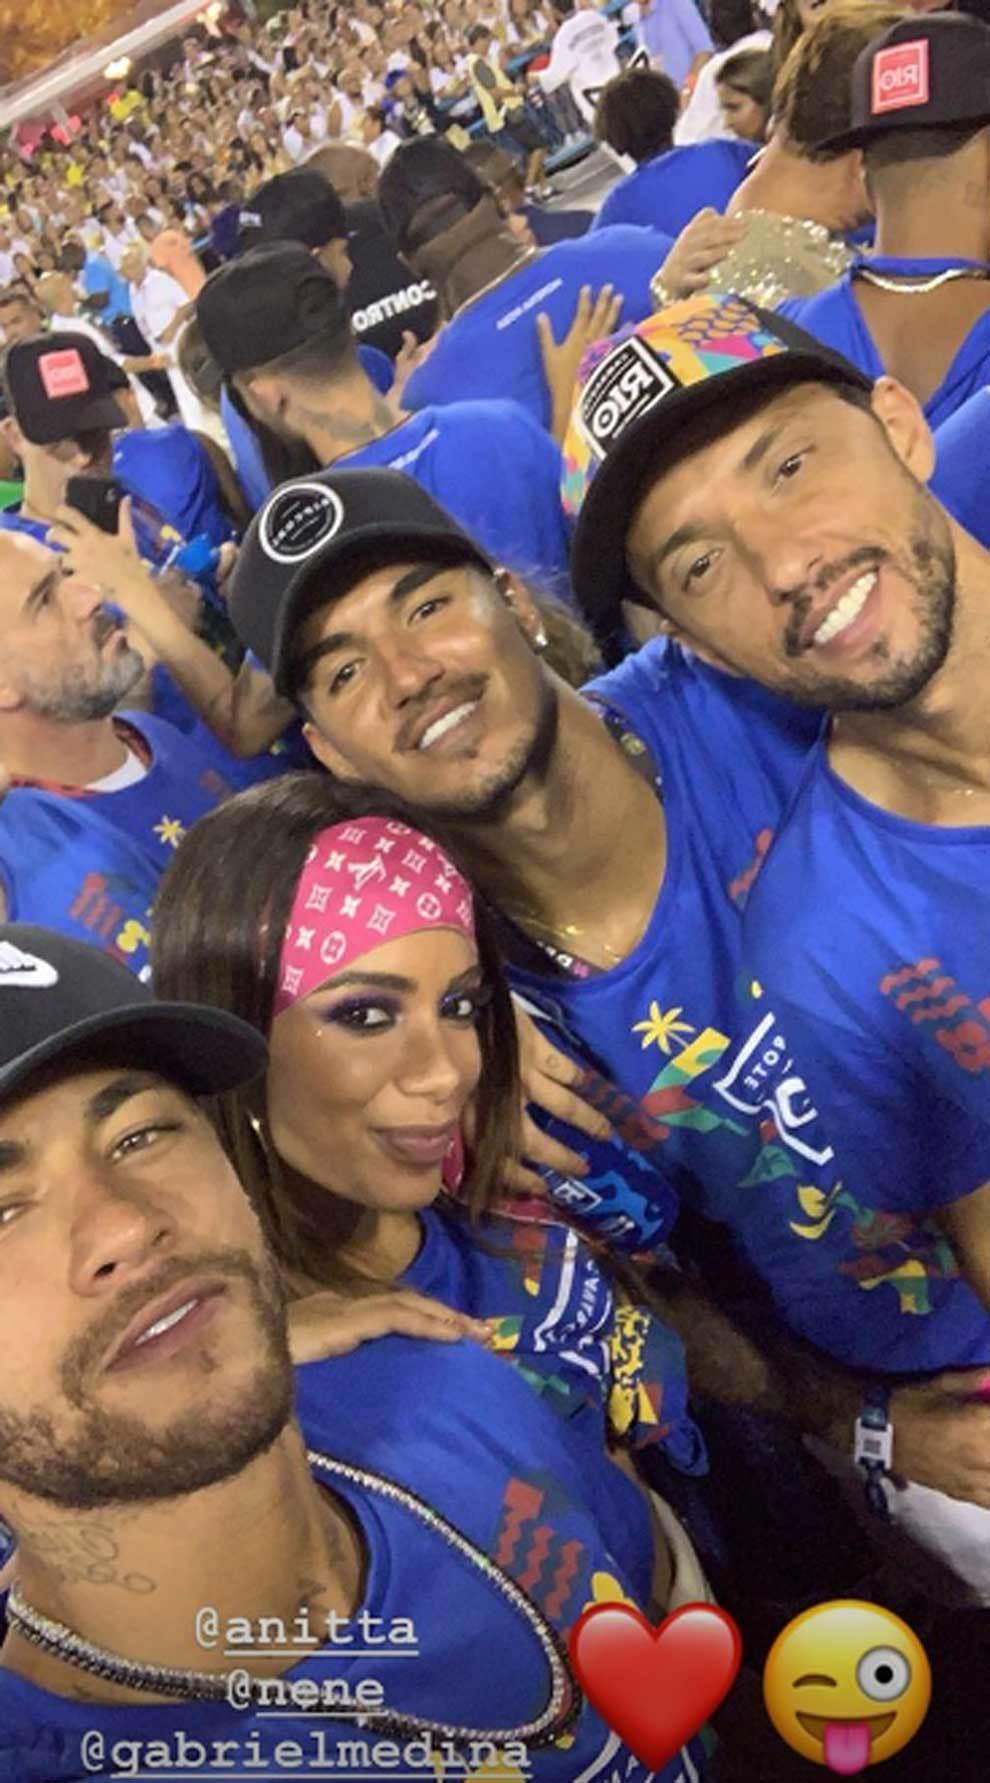 Neymar en el Carnaval de Río de Janeiro junto a la cantante Anitta y...